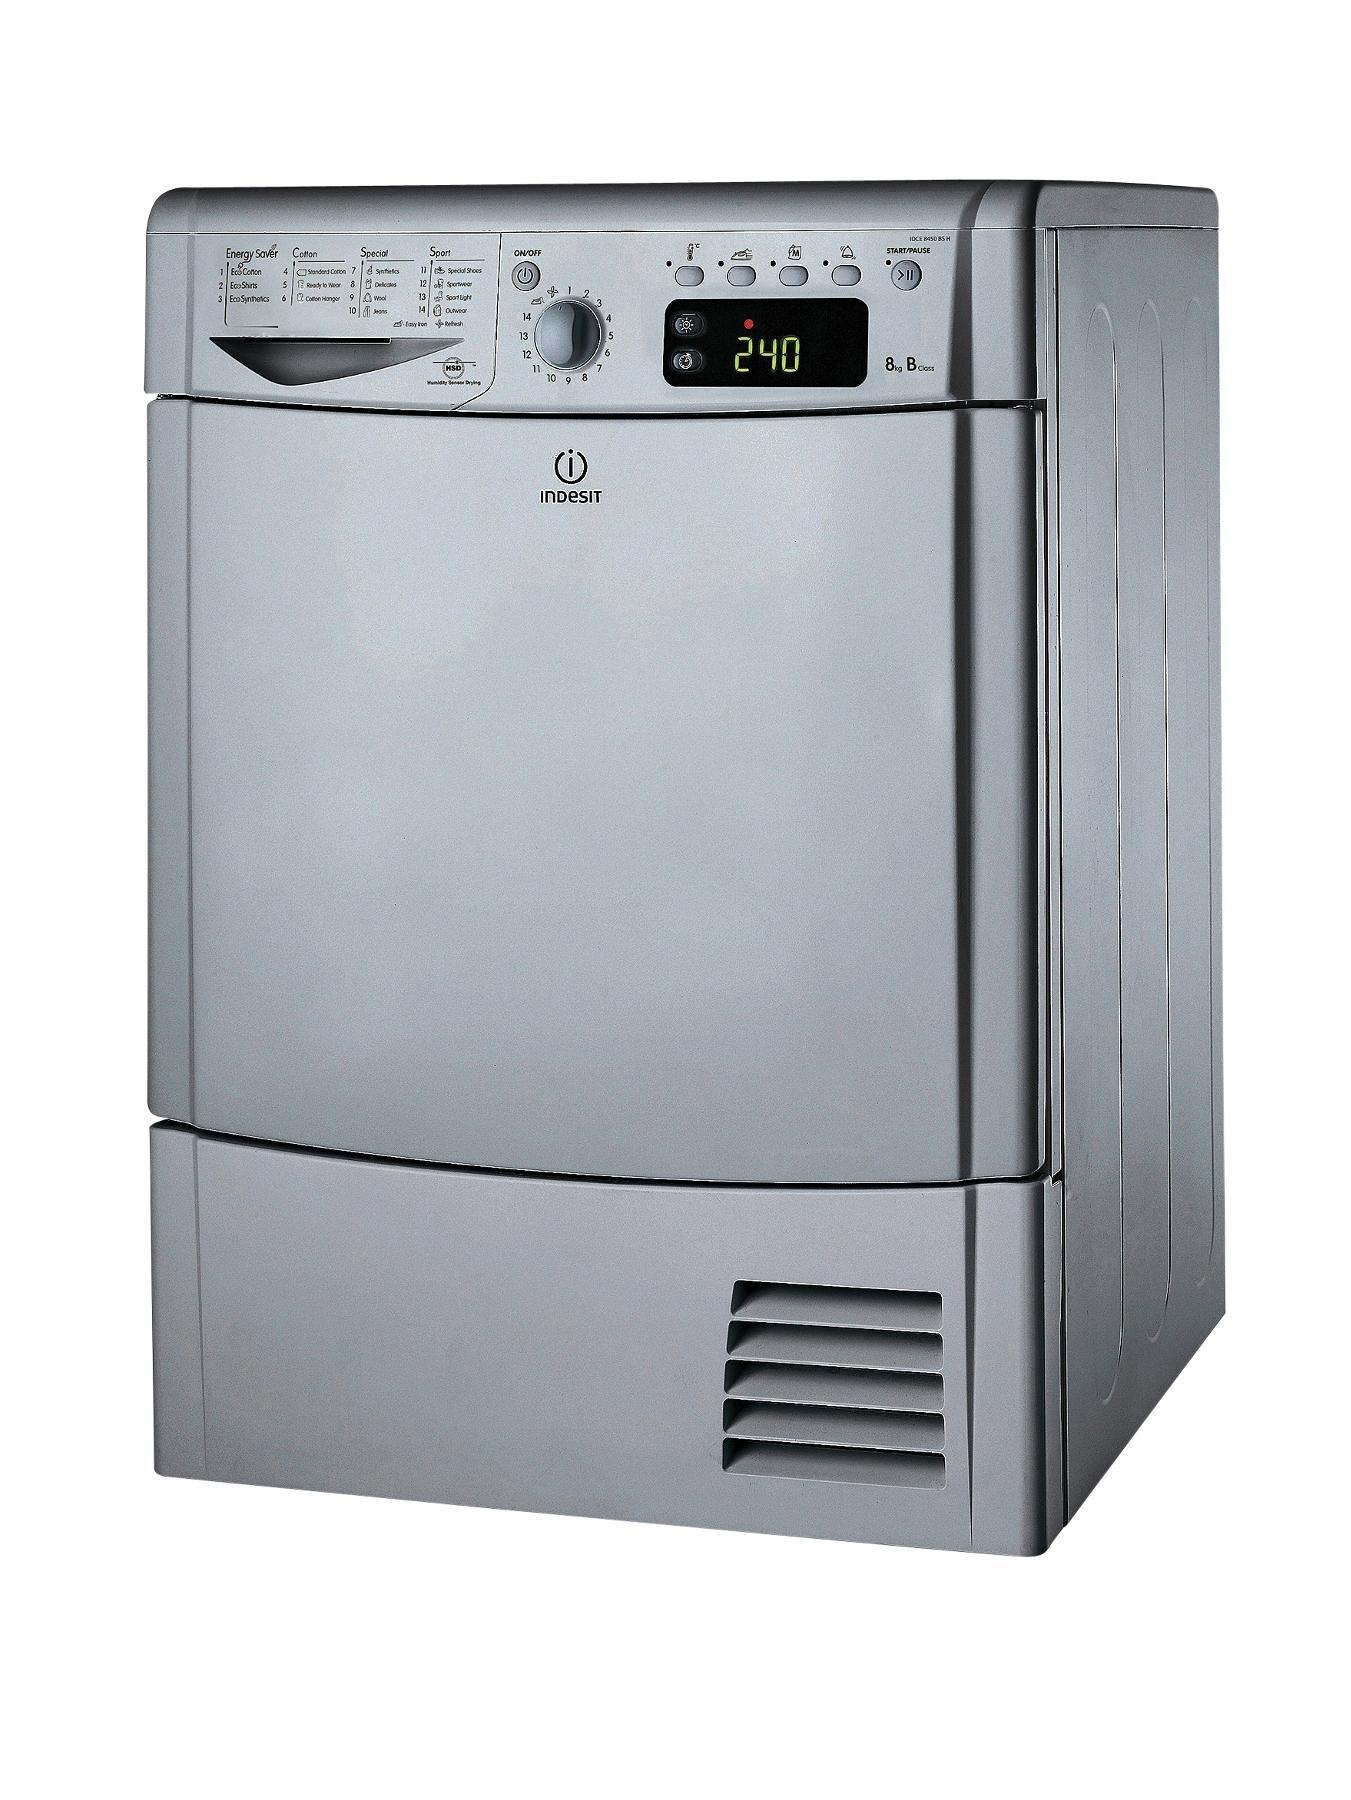 IDCE8450BSH 8kg Load Condenser Dryer - Silver